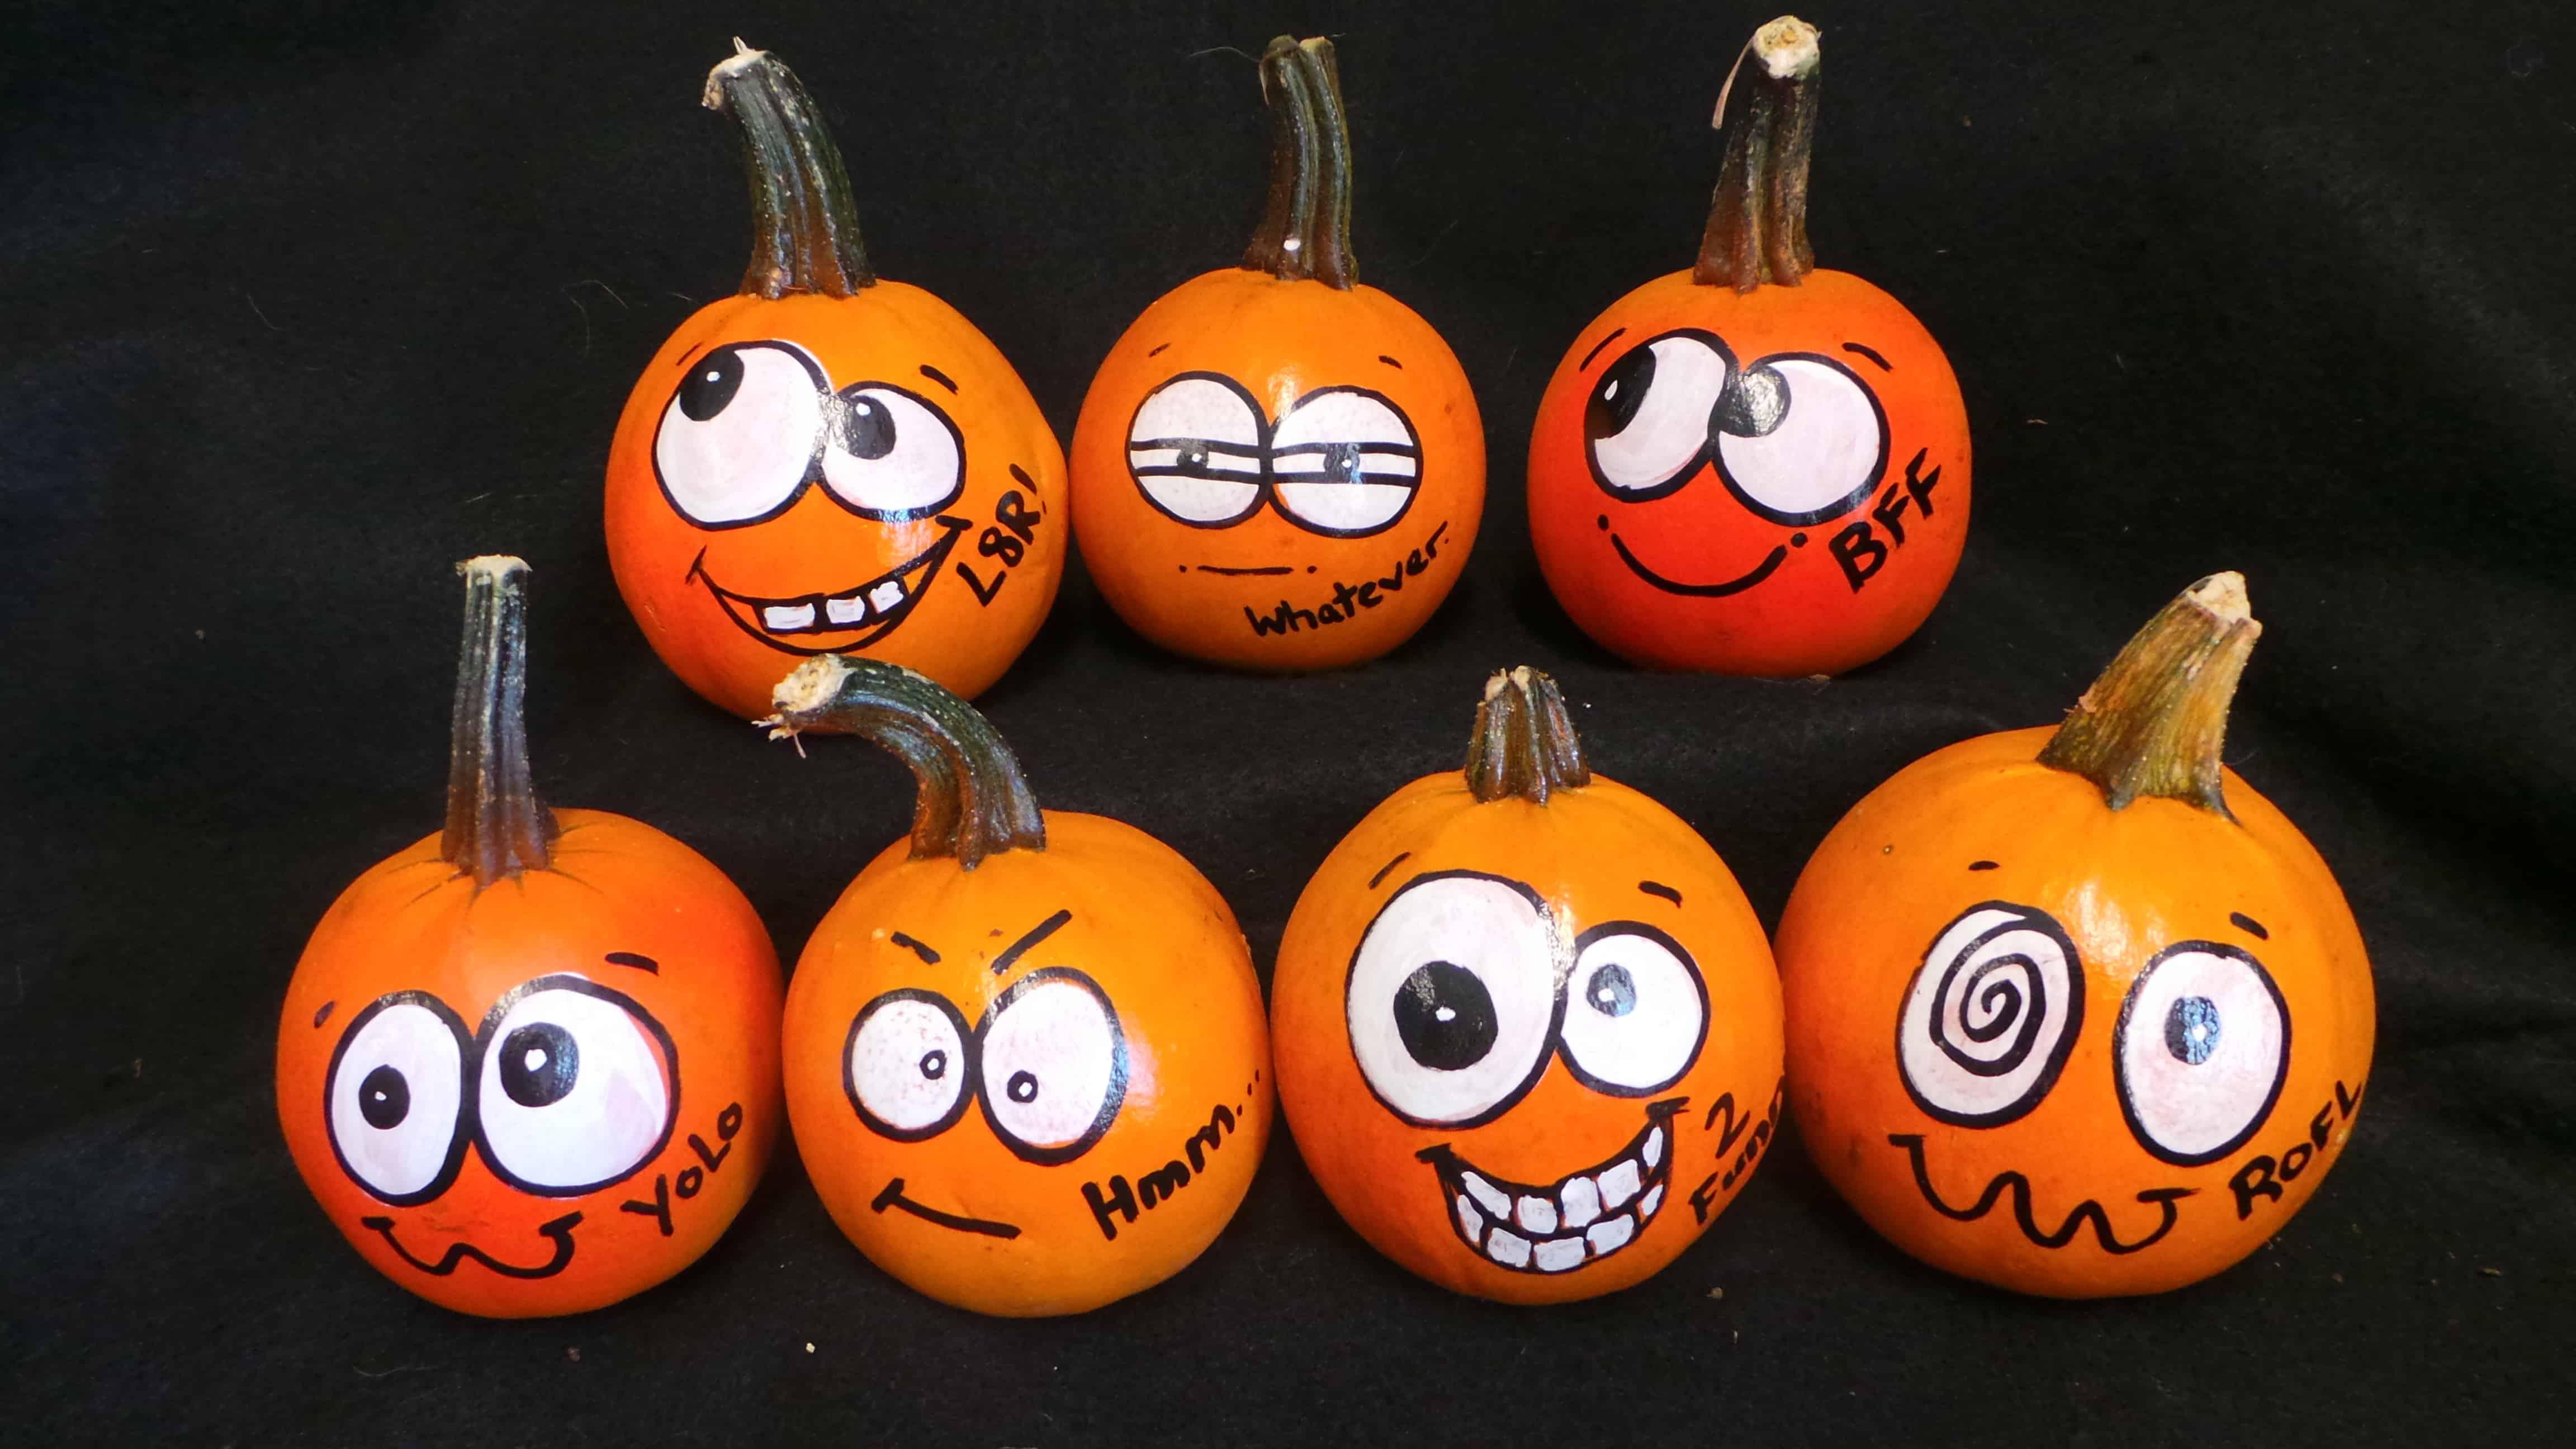 Funny face pumpkins